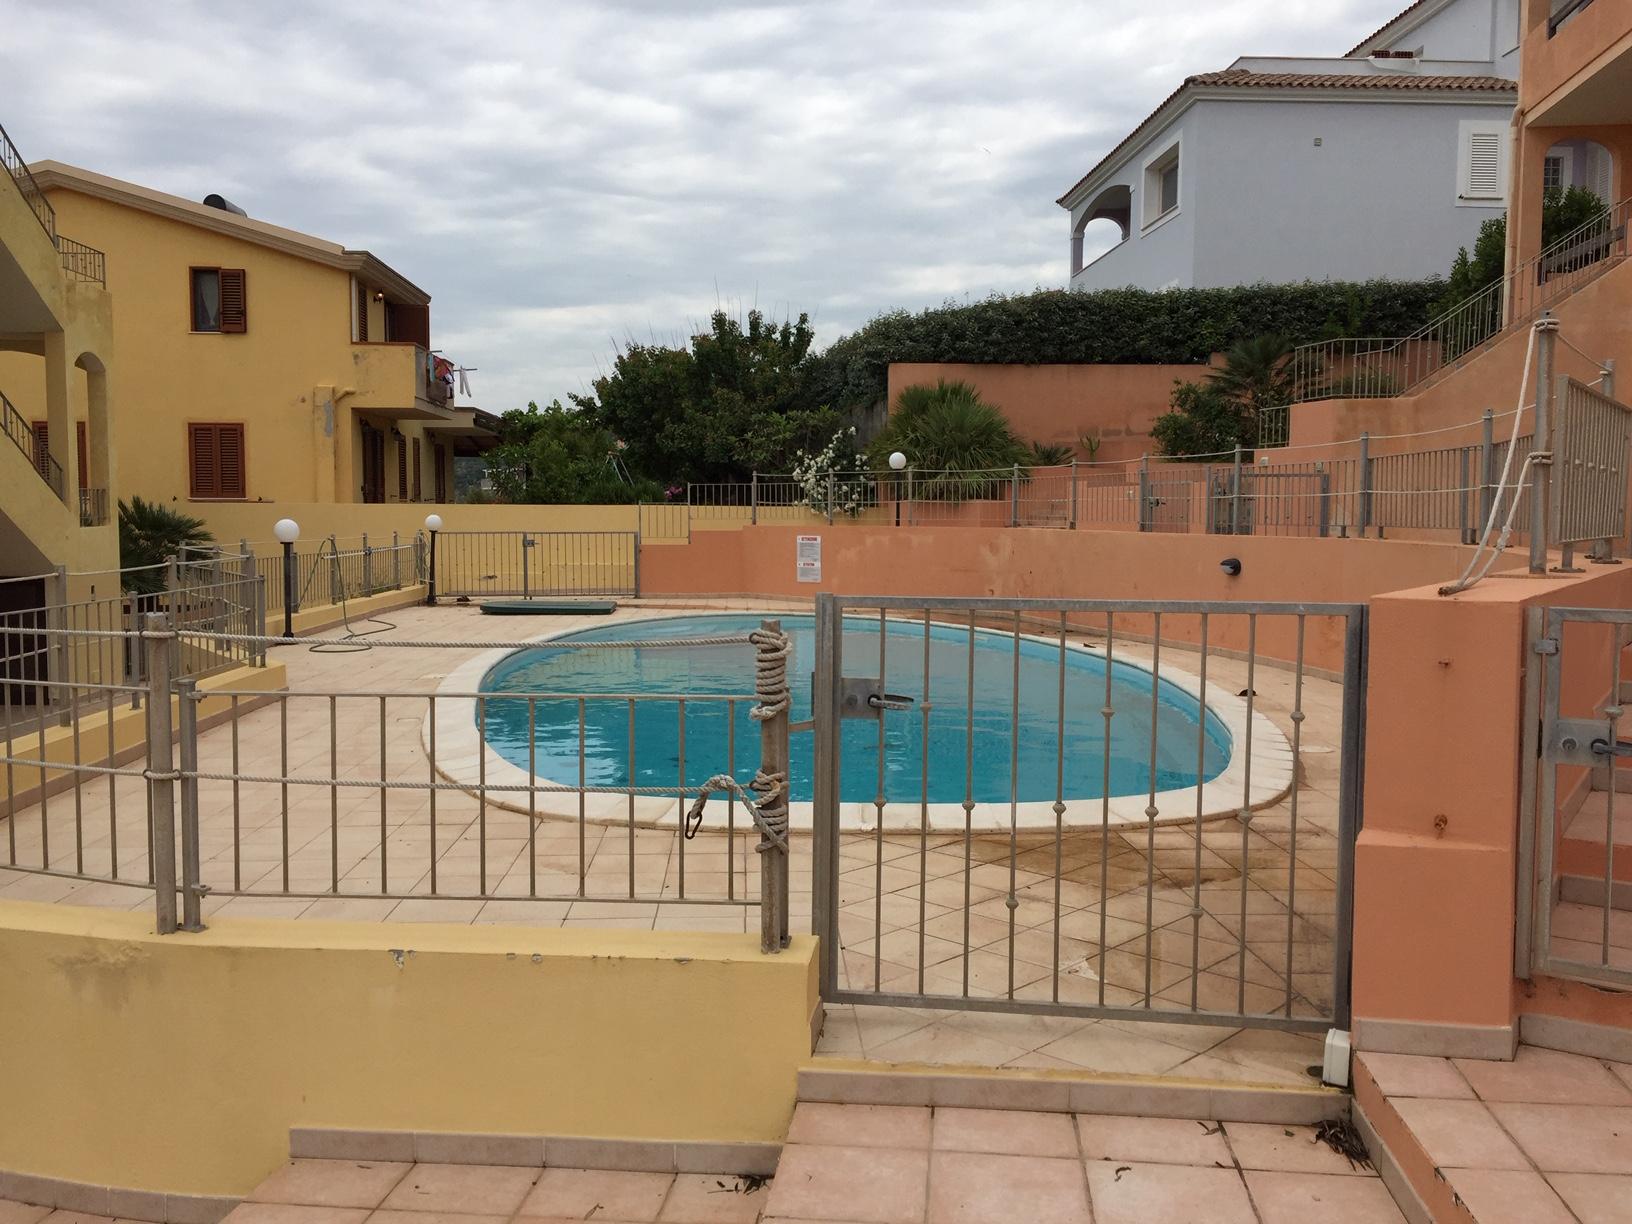 Ferienwohnung Basement La Spiga Castelsardo (2575344), Castelsardo, Sassari, Sardinien, Italien, Bild 14